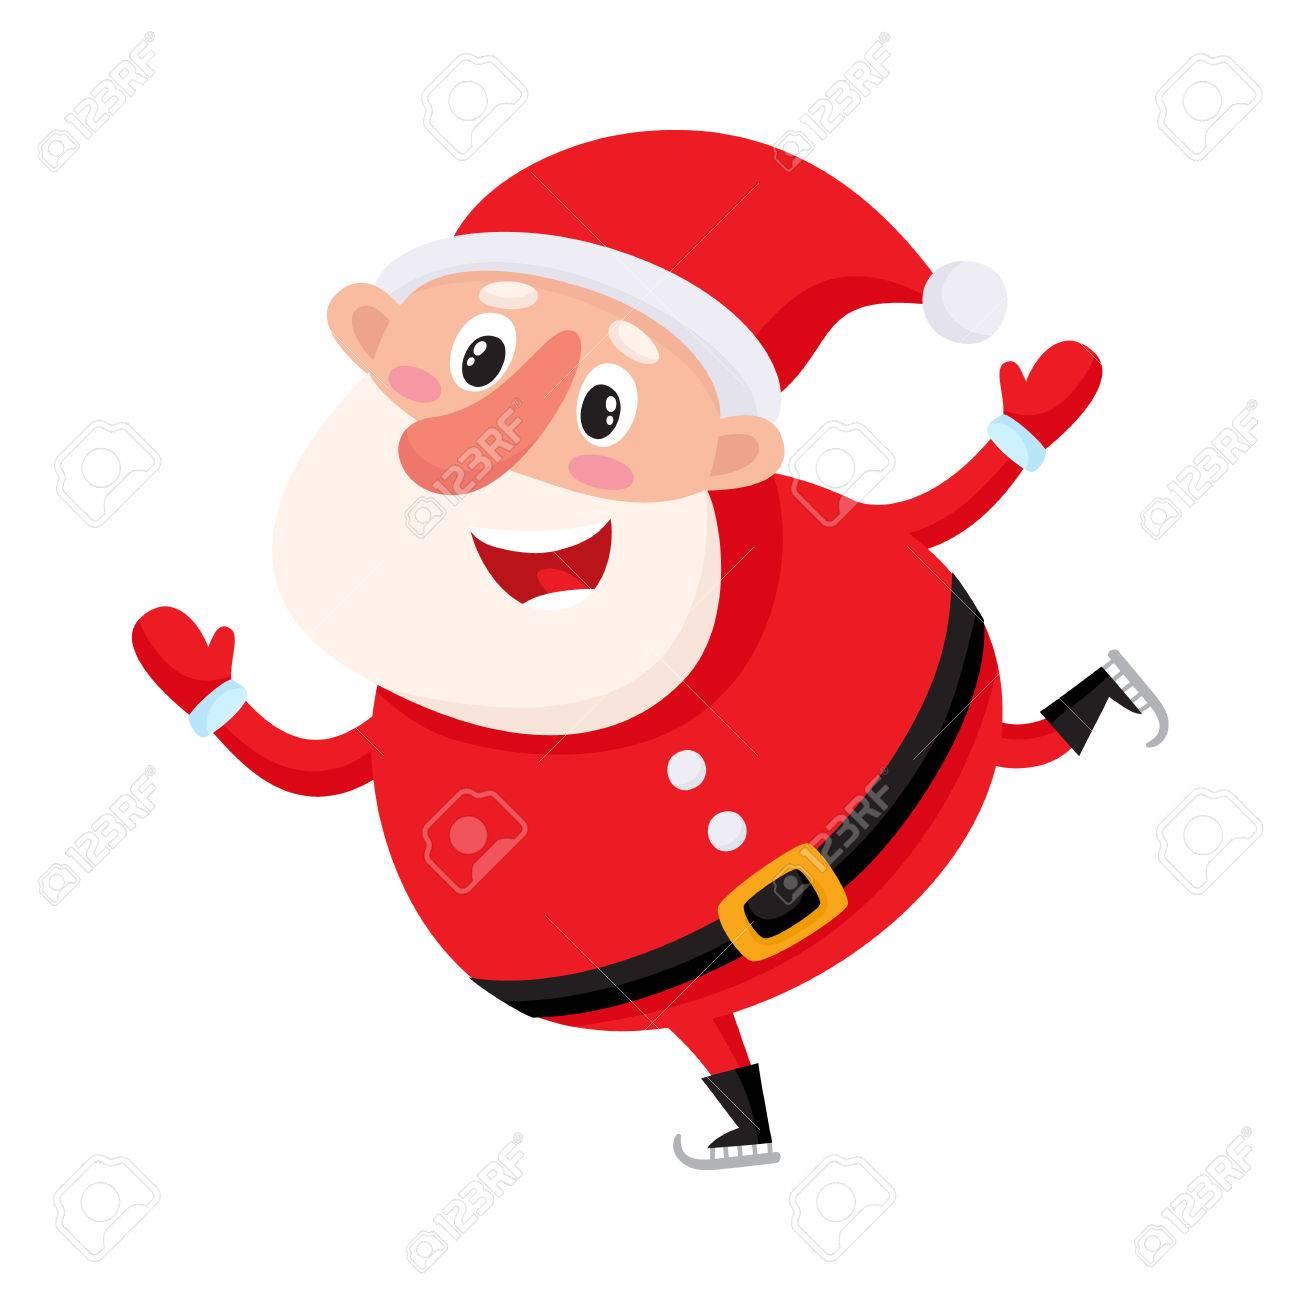 Patin à Glace Mignon Et Drôle De Père Noël Illustration De Vecteur De Dessin Animé Isolé Sur Fond Blanc Père Noël S Amusant De Patinage Sur Glace